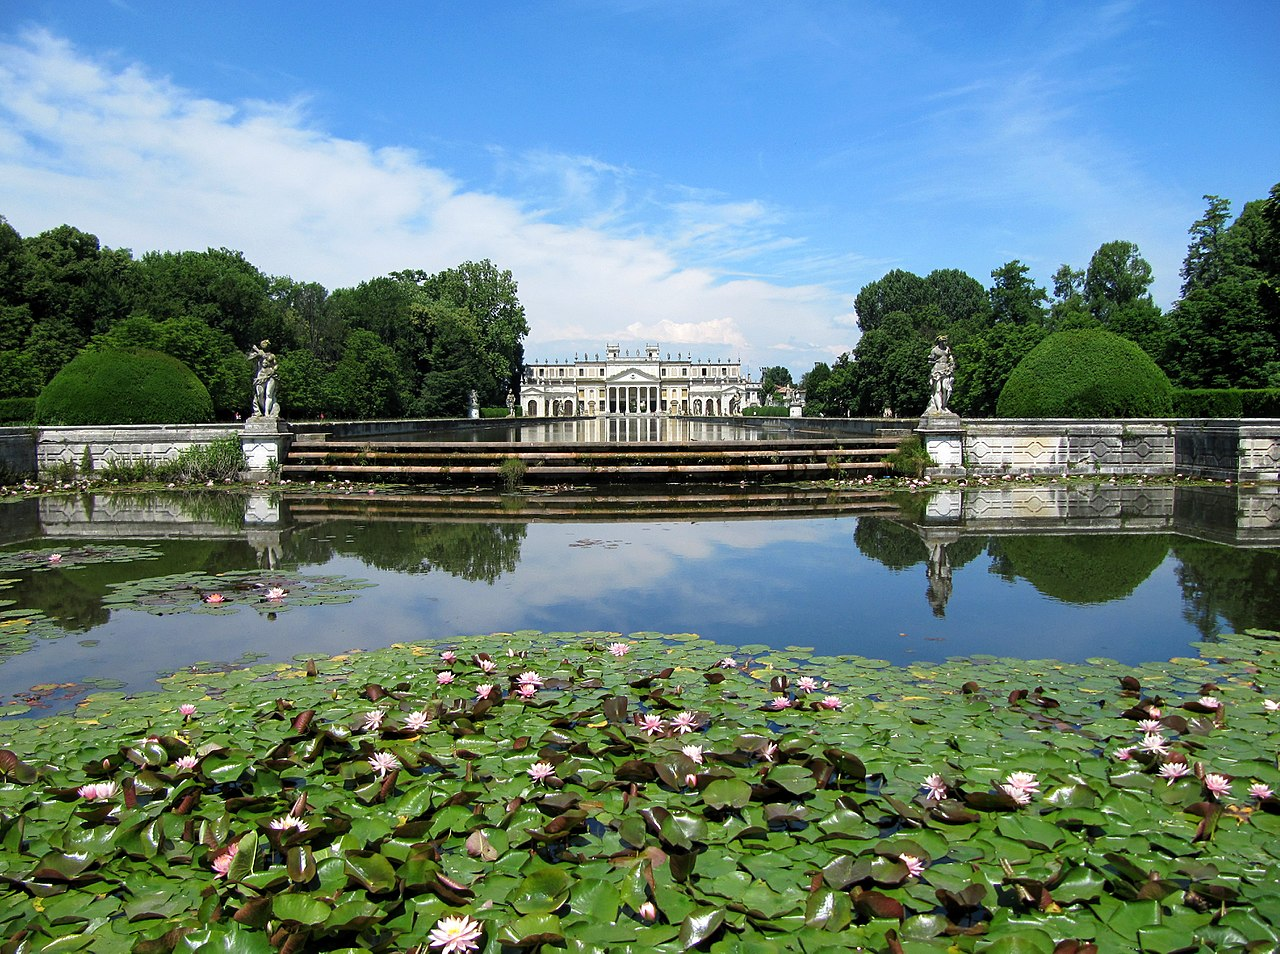 https://upload.wikimedia.org/wikipedia/commons/thumb/d/d9/Villa_Pisani_-_Il_retro_della_villa_con_il_parco_e_la_piscina.jpg/1280px-Villa_Pisani_-_Il_retro_della_villa_con_il_parco_e_la_piscina.jpg